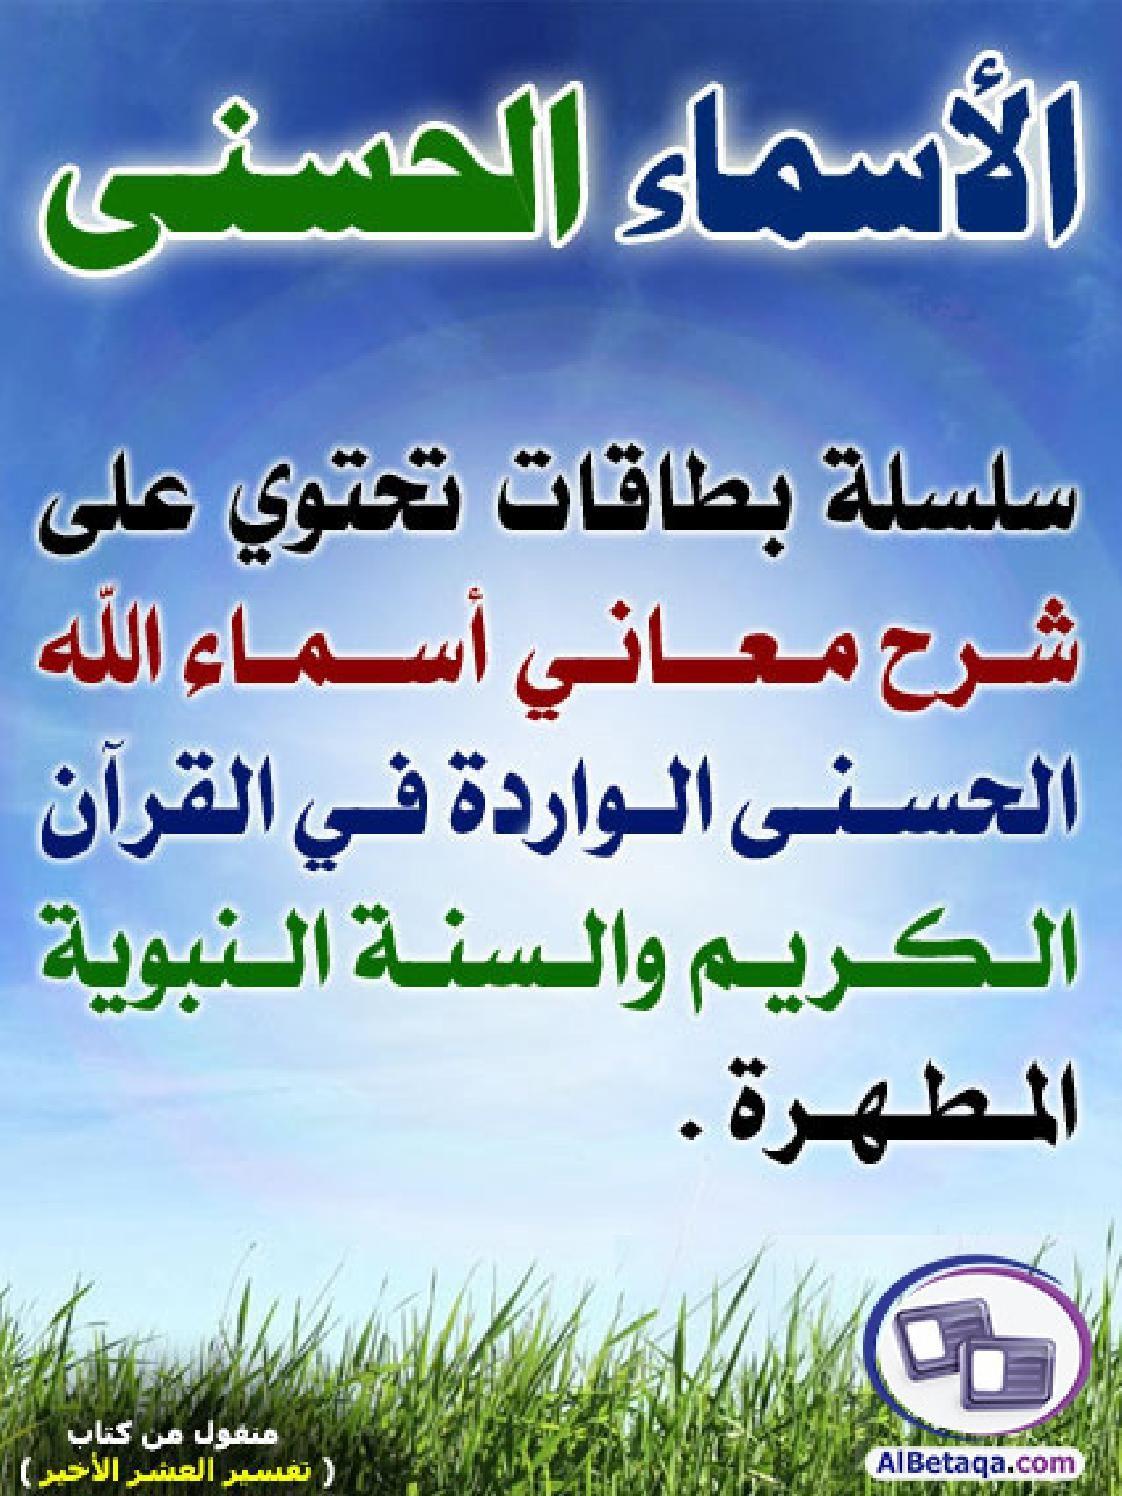 أسماء الله الحسنى Islam Facts Muslim Kids Activities Islamic Information